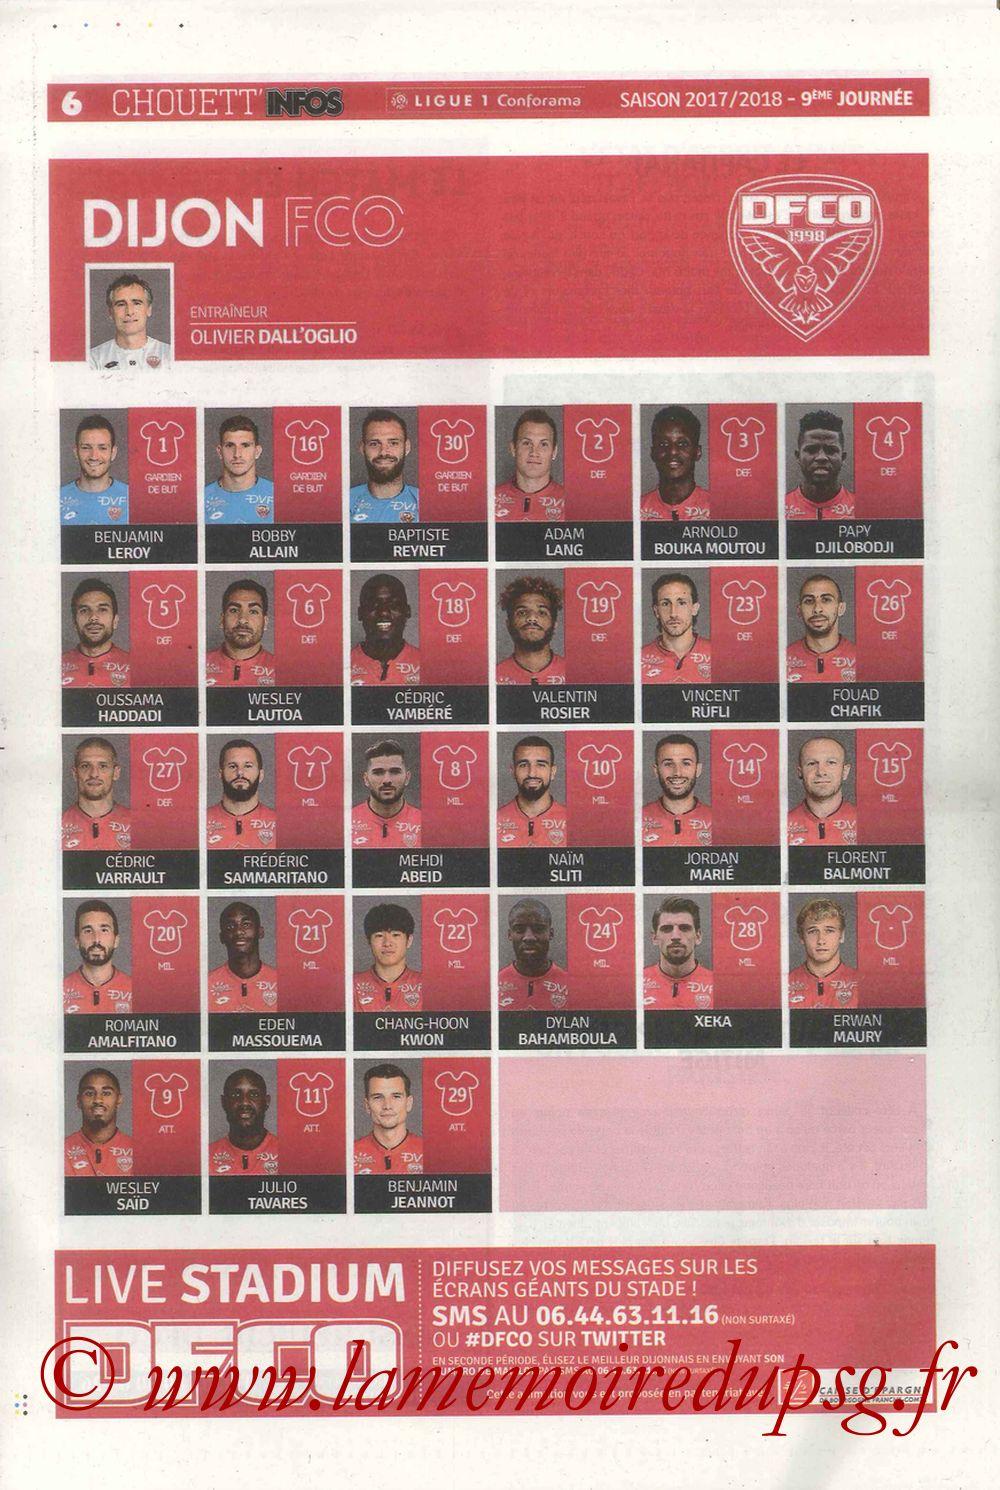 2017-10-14  Dijon-PSG (9ème L1, Chouett'Infos N°5) - Page 06